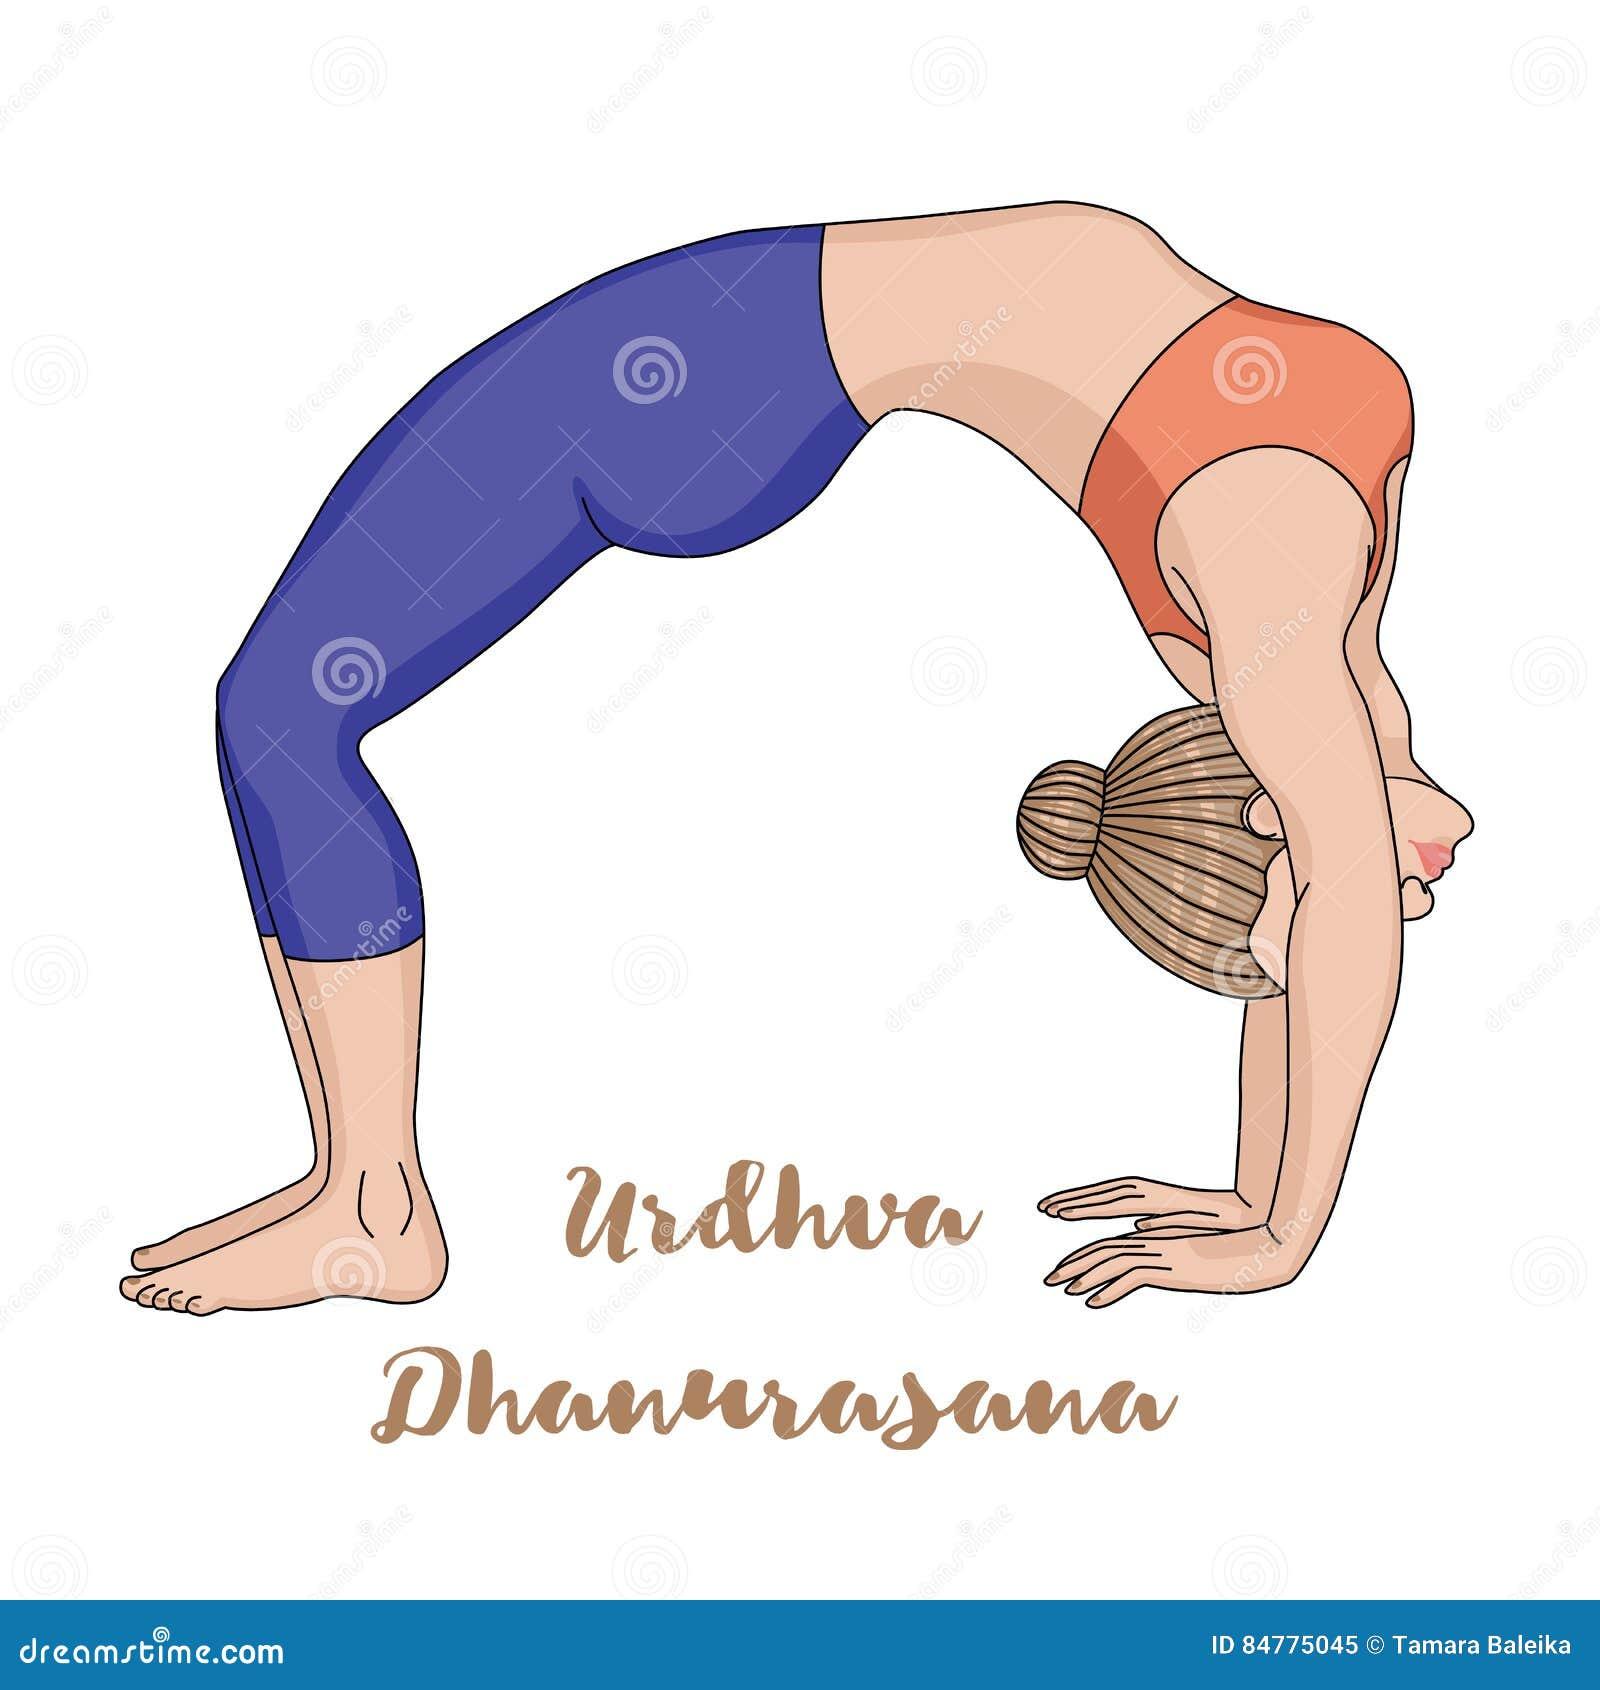 Urdhva Dhanurasana In English